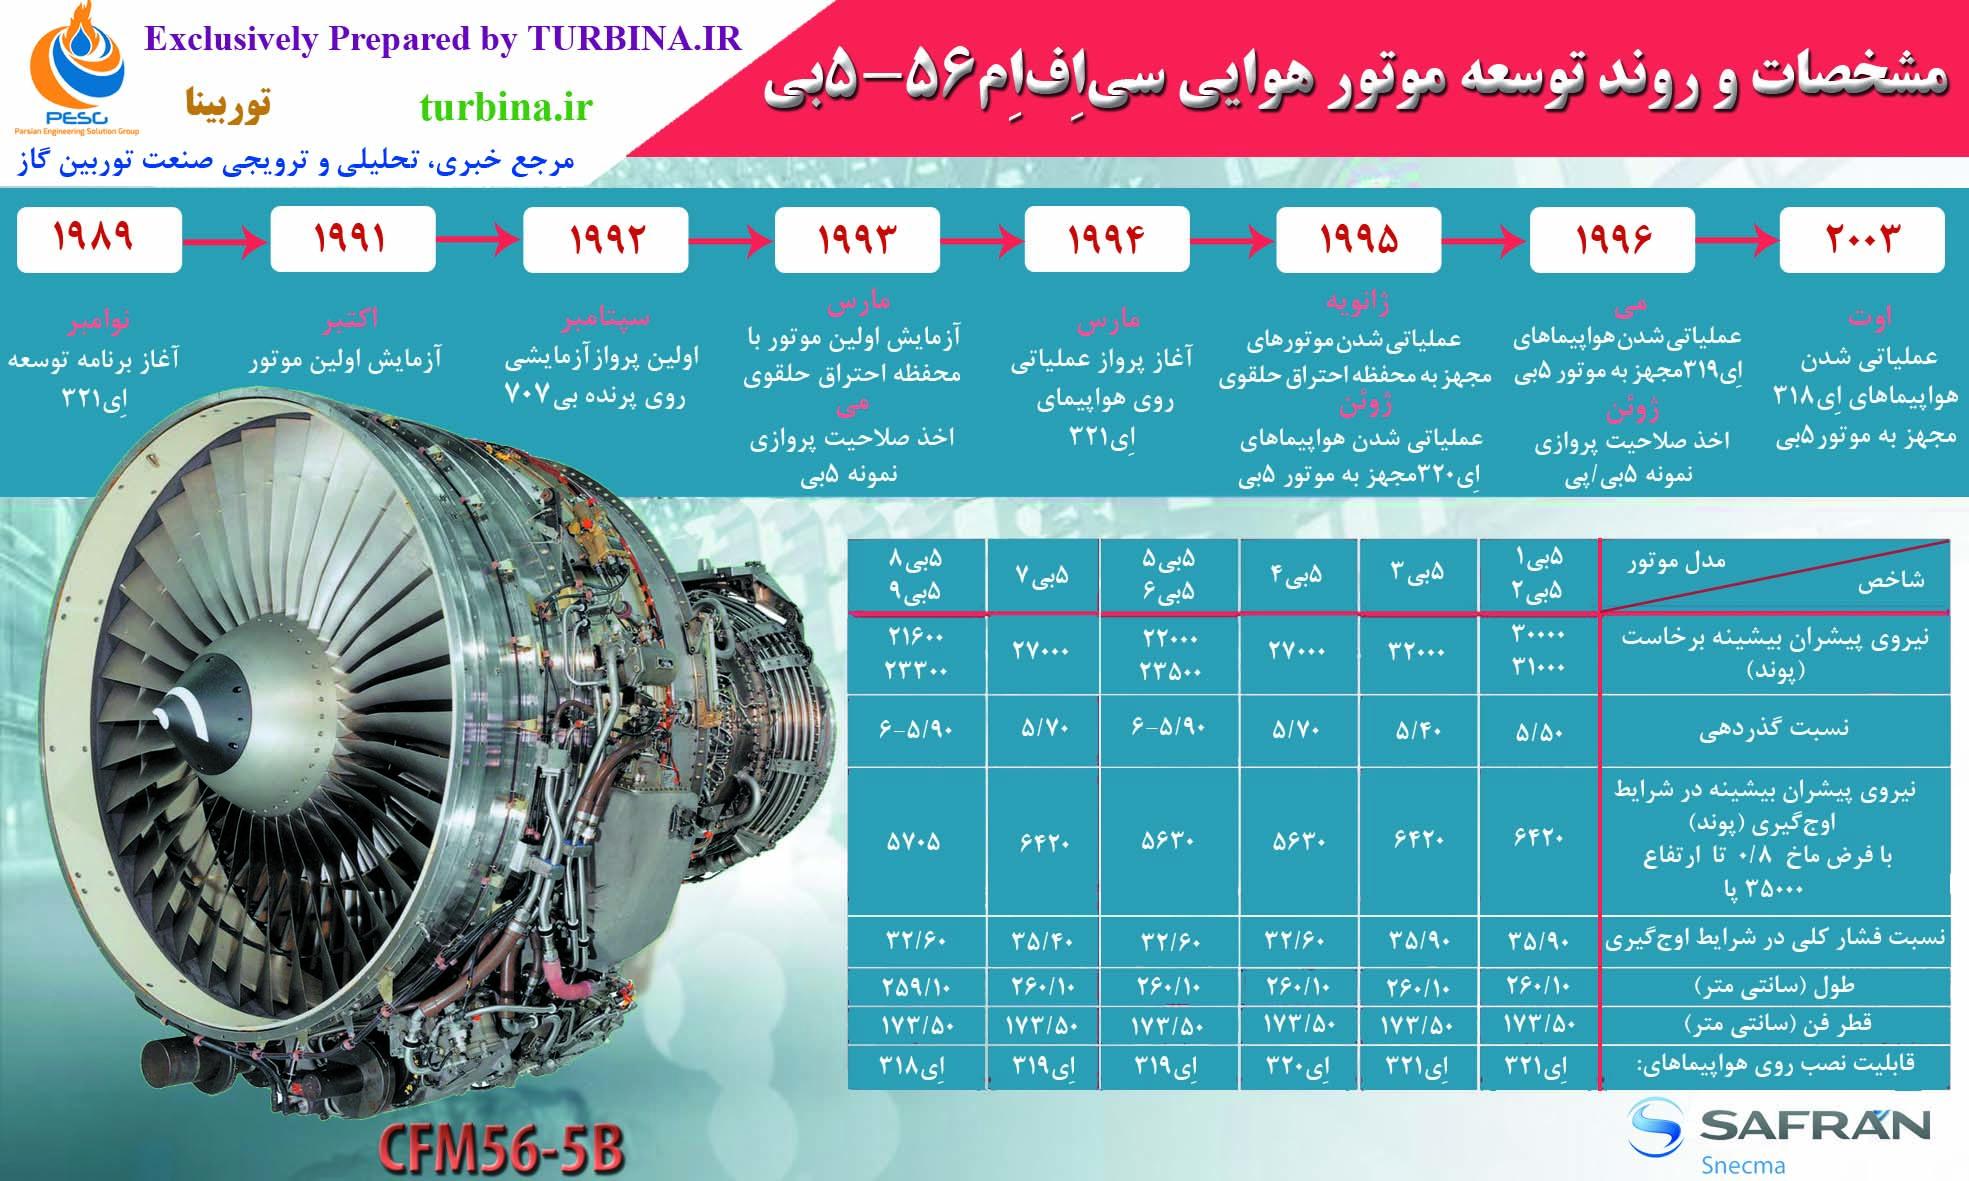 مشخصات و روند توسعه موتور هوایی CFM56-5B